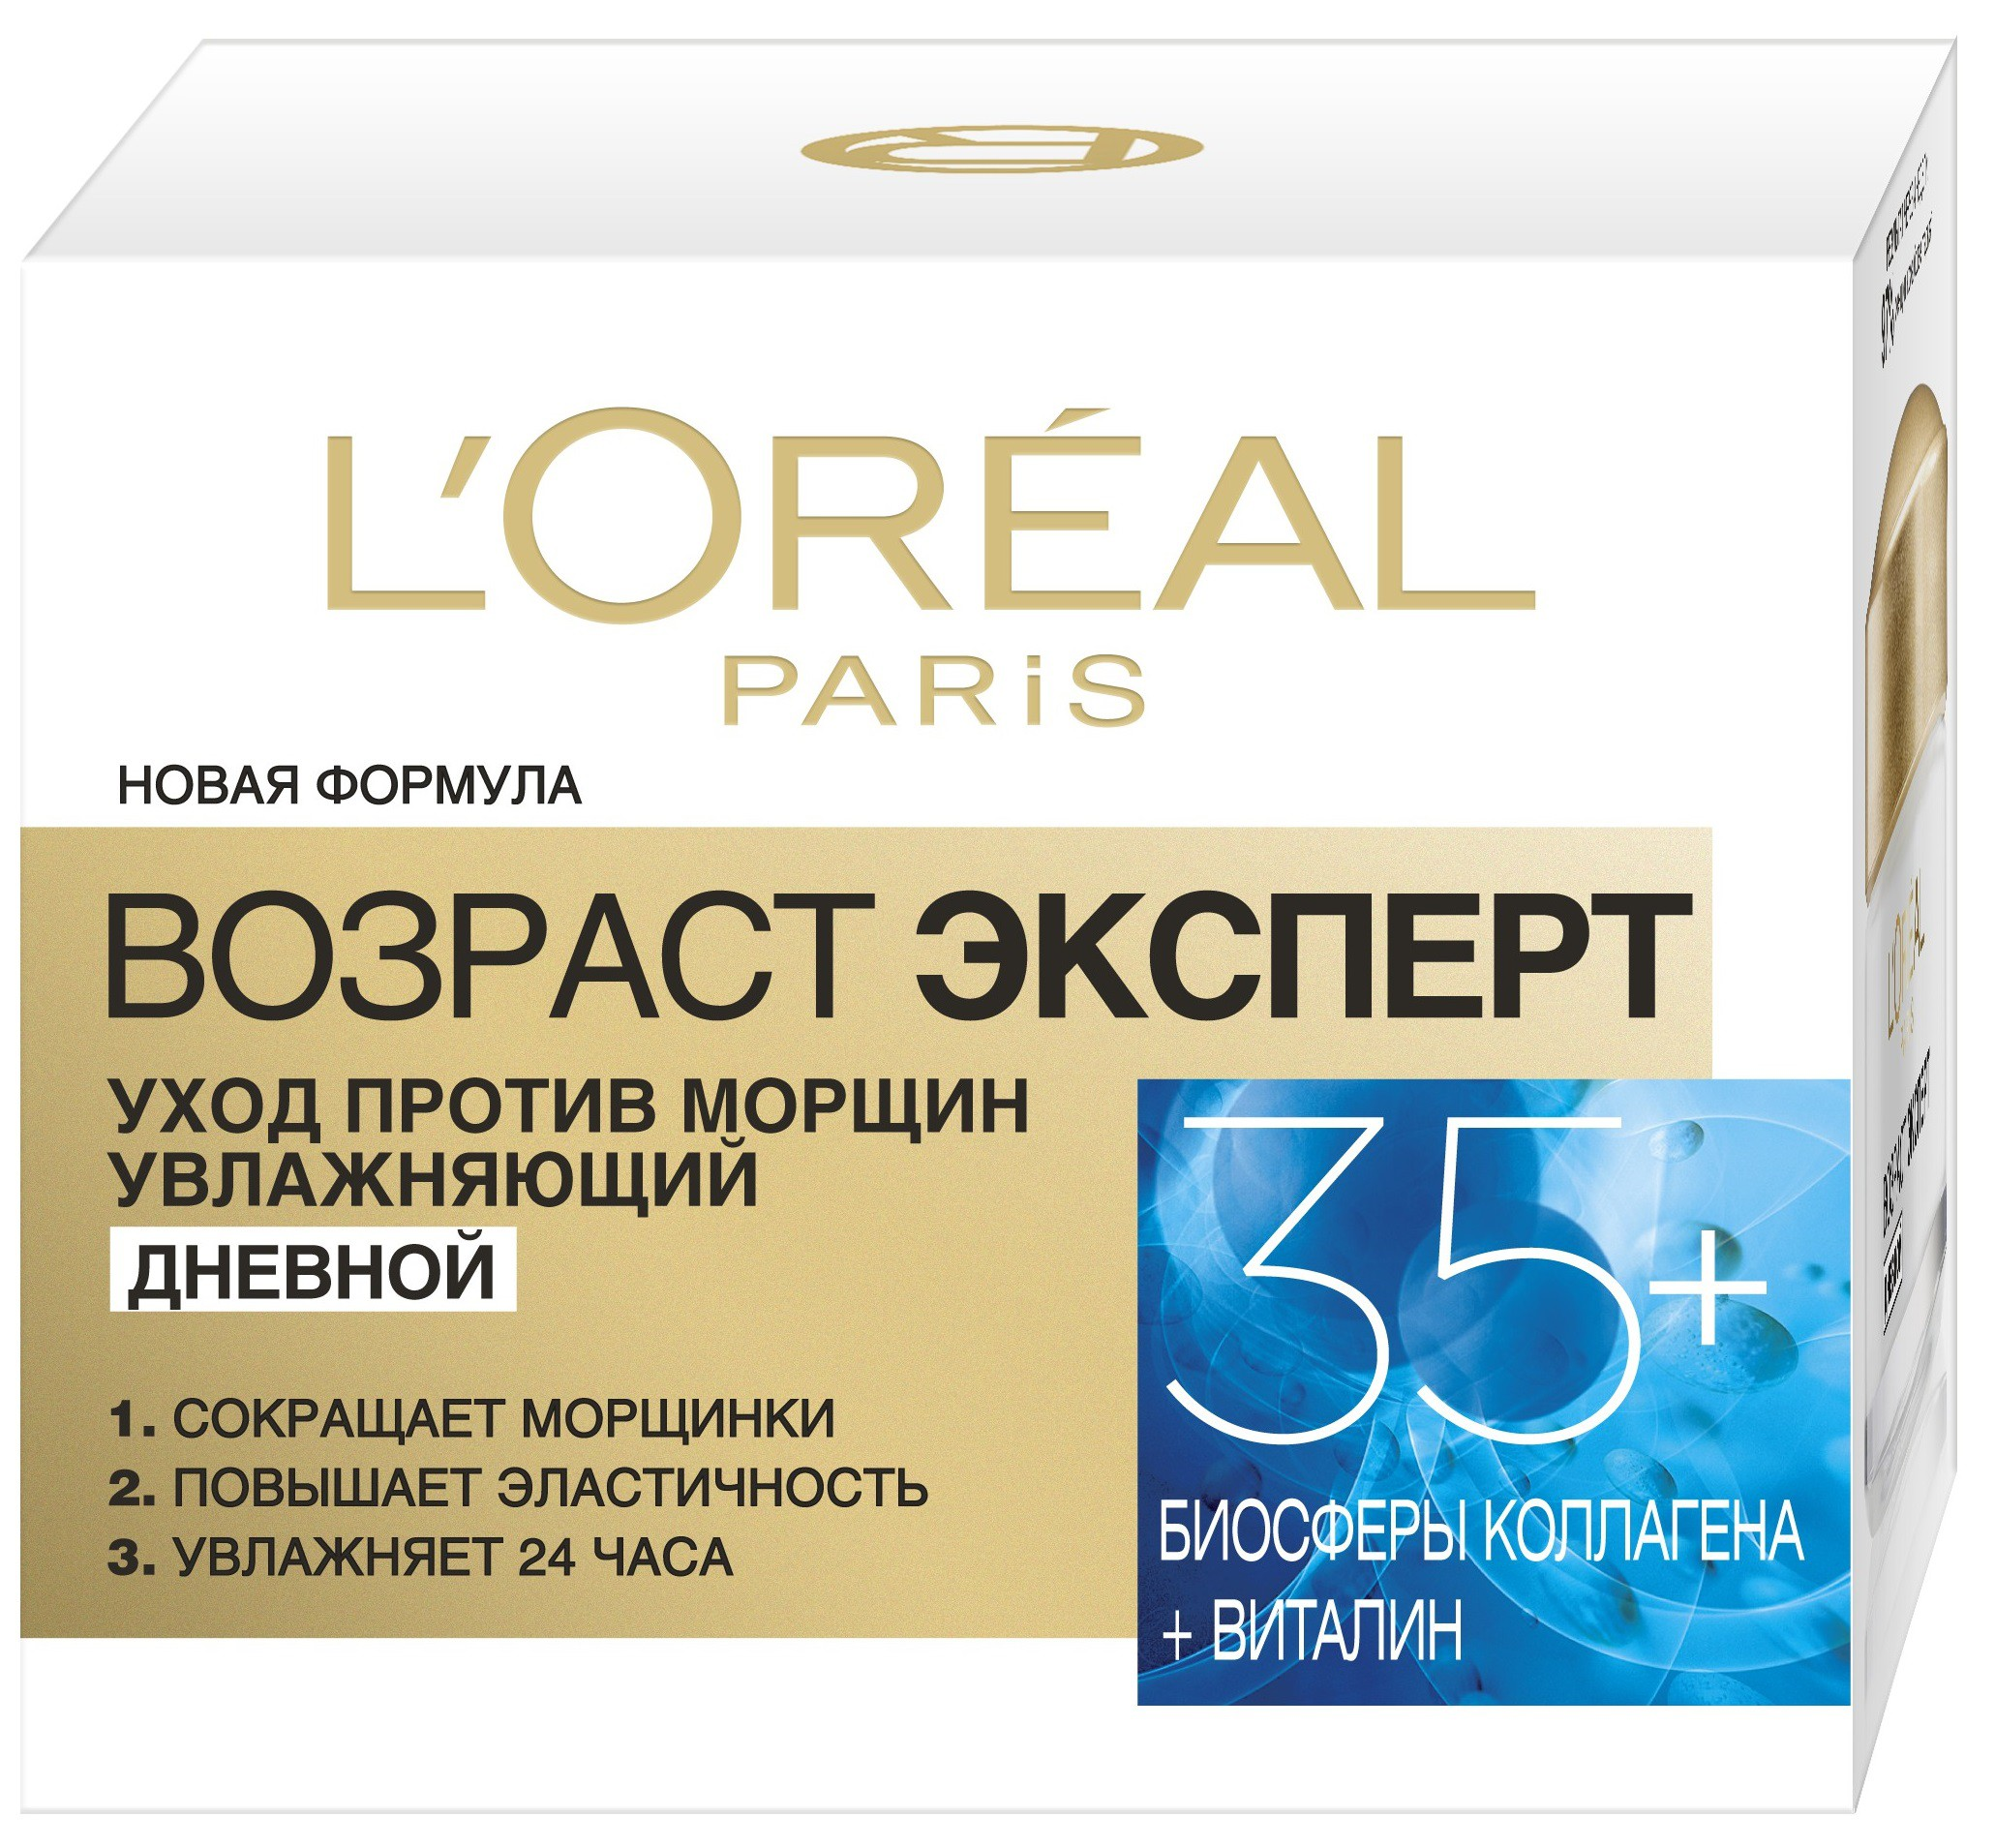 LOreal Paris Дневной крем Возраст эксперт 35+ увлажняющий, против морщин, 50 млA7820900Антивозрастной крем для лица серии Возраст Эксперт разработан для кожи после 35 лет. Он оказывает тройное действие: сокращает морщинки, наполняет кожуэластичностью, увлажняет 24 часа. Входящие в состав крема Биосферы Коллагена глубоко проникают внутрь кожи где увеличиваются в объеме до 9 раз, за счет чего происходит выталкивание морщин изнутри. Растительный экстракт цветка опунции -Виталин, известный своими восстанавливающими свойствами, поддерживает естественные процессы обновления клеток кожи.